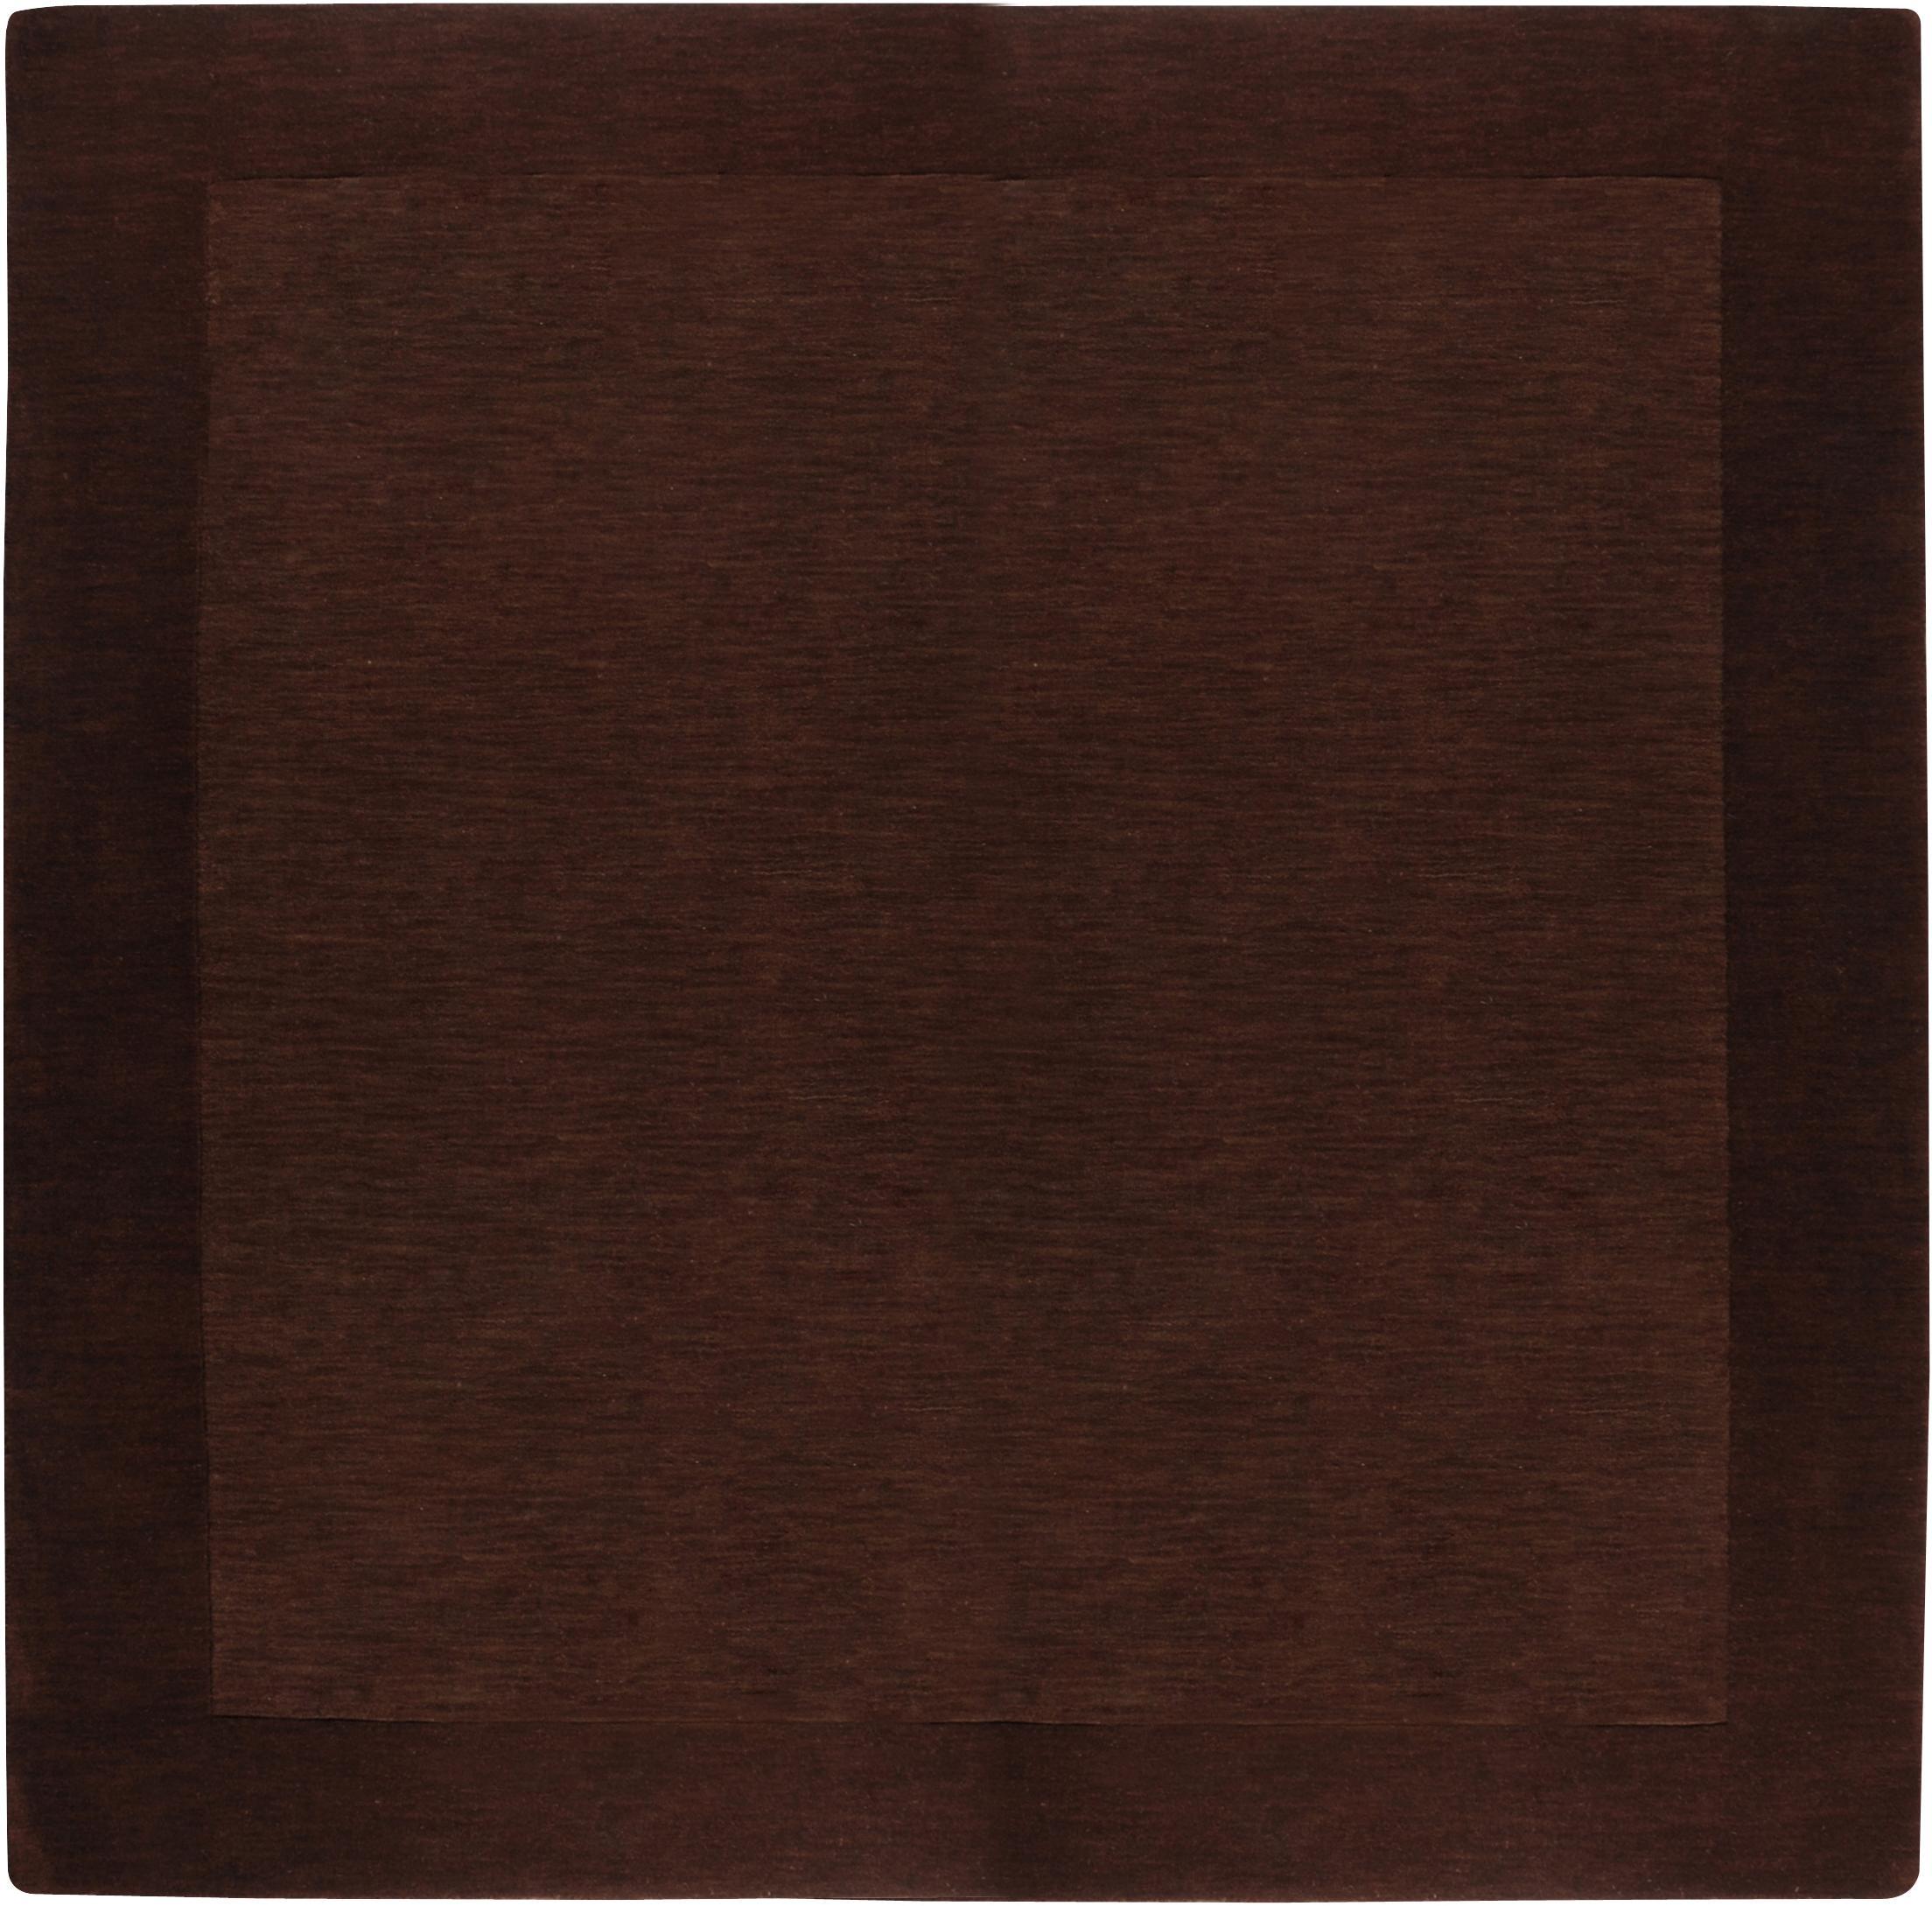 Surya Mystique 8' Square - Item Number: M294-8SQ